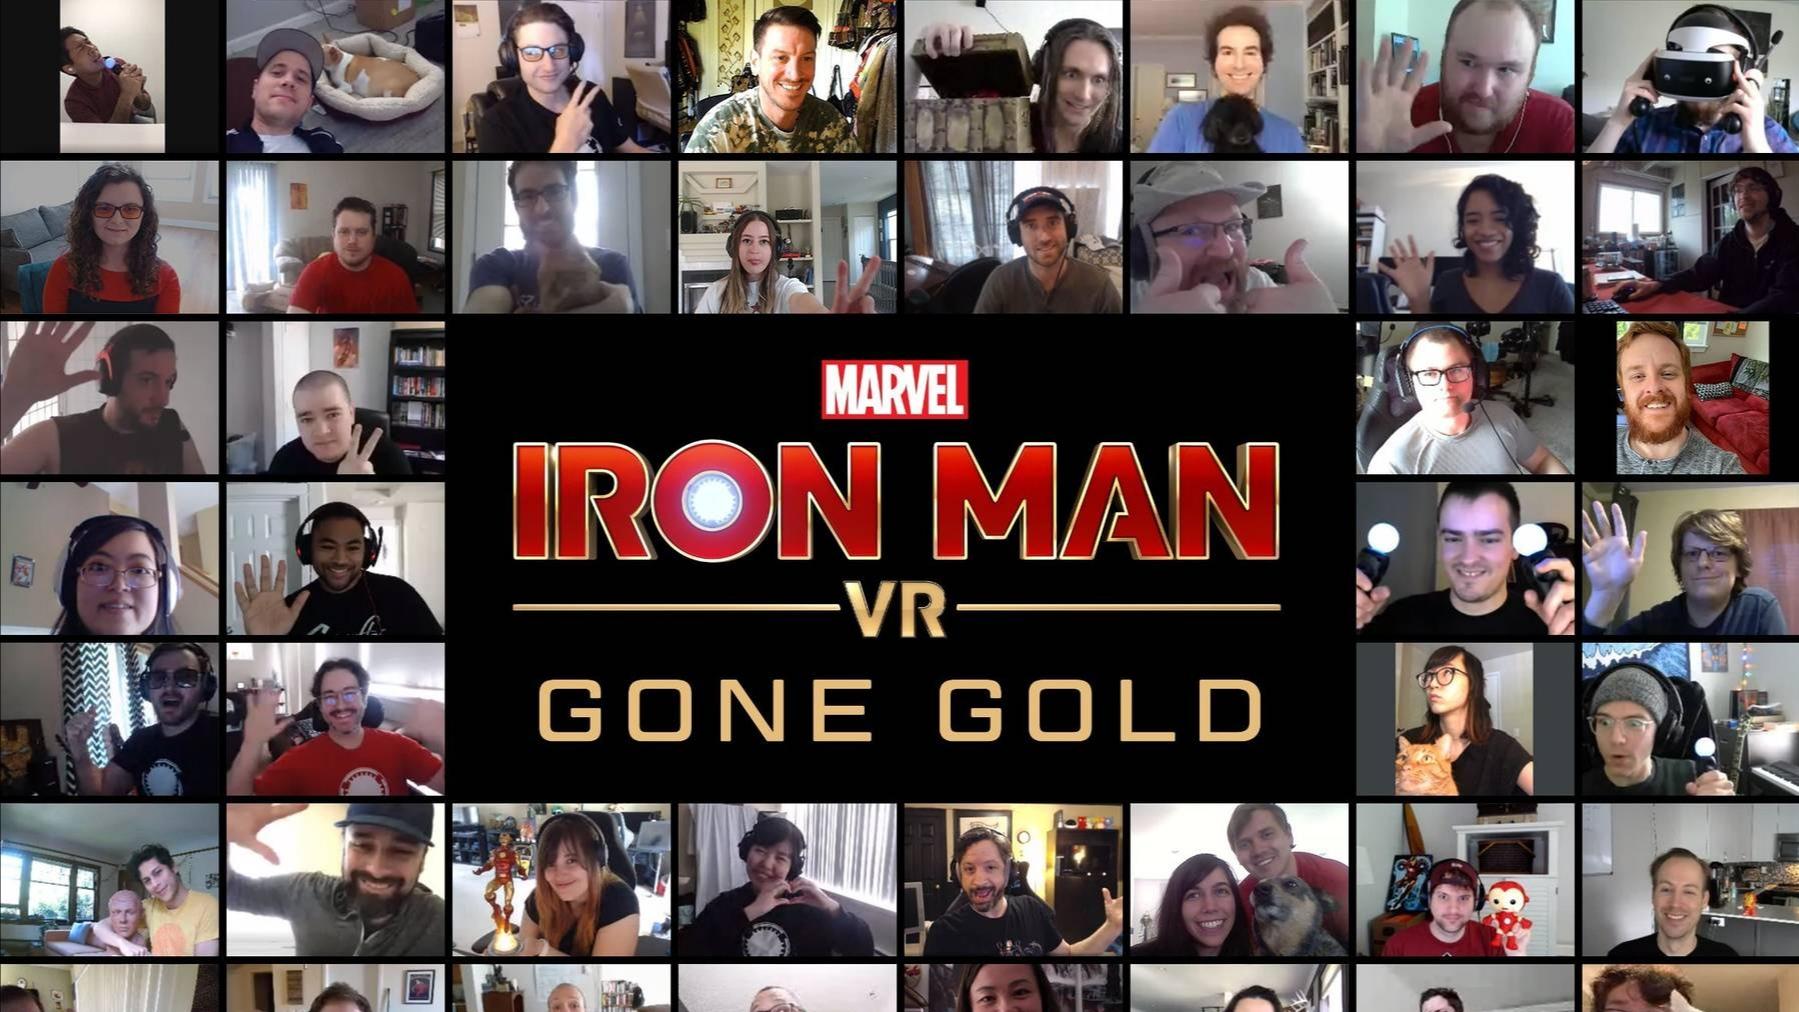 Marvel's Iron-Man VR je hotov, vyjde začátkem července